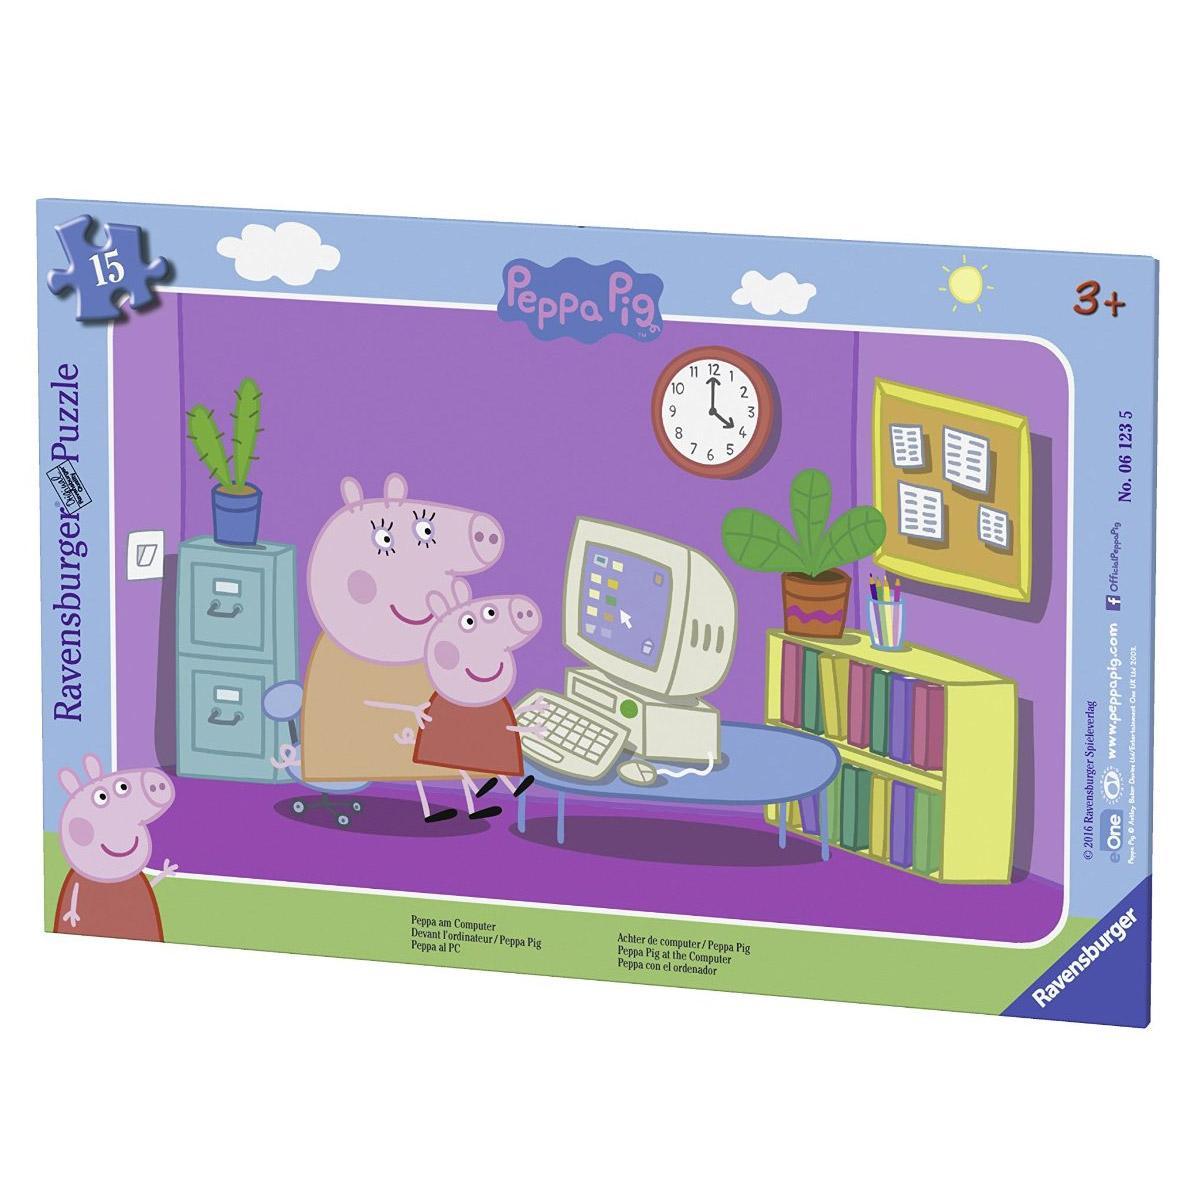 Puzzle cadre 15 pièces : Peppa pig devant l'ordi